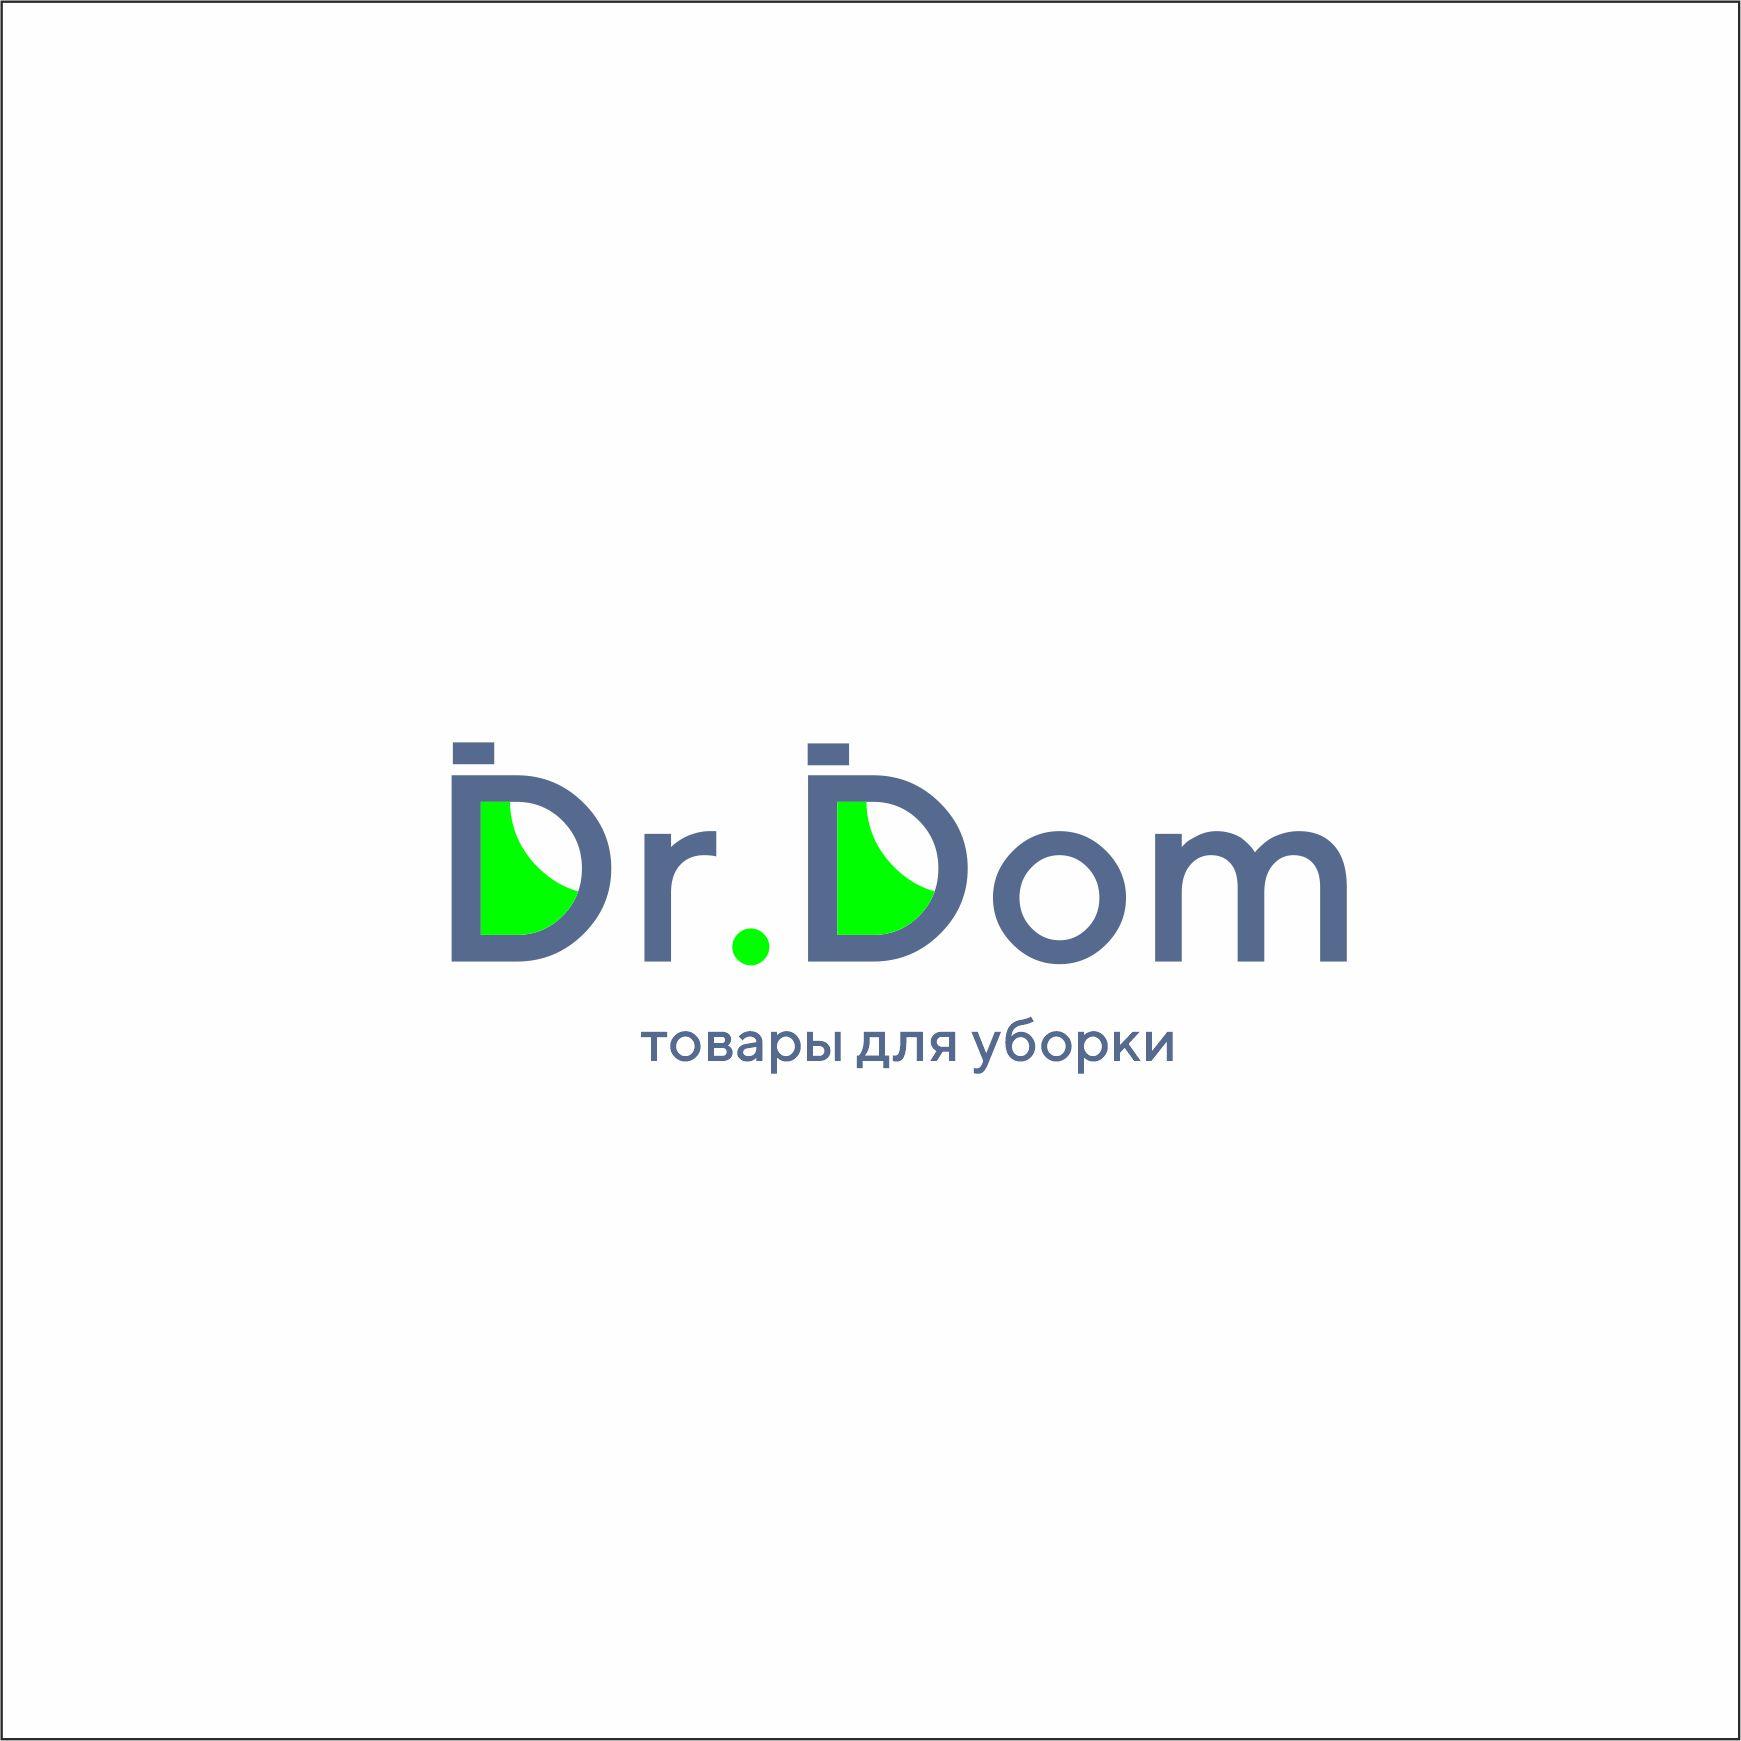 Разработать логотип для сети магазинов бытовой химии и товаров для уборки фото f_1275ffeb5632352c.jpg